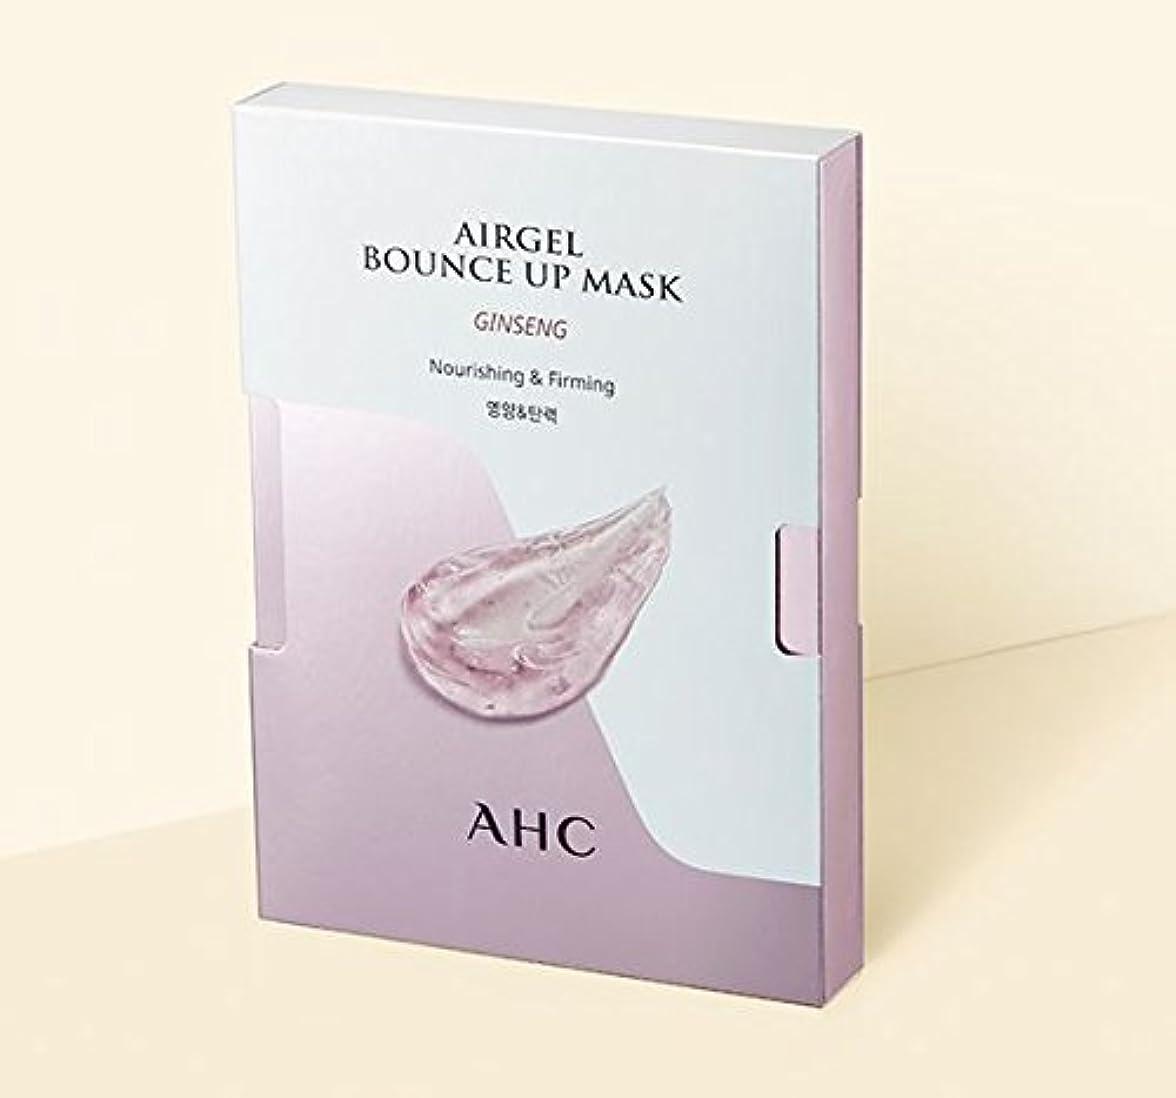 永続対抗ラウズ[A.H.C] Airgel Bounce Up Mask GINSENG (Nourishing&Firming)30g*5sheet/ジンセンエアゲルマスク30g*5枚 [並行輸入品]